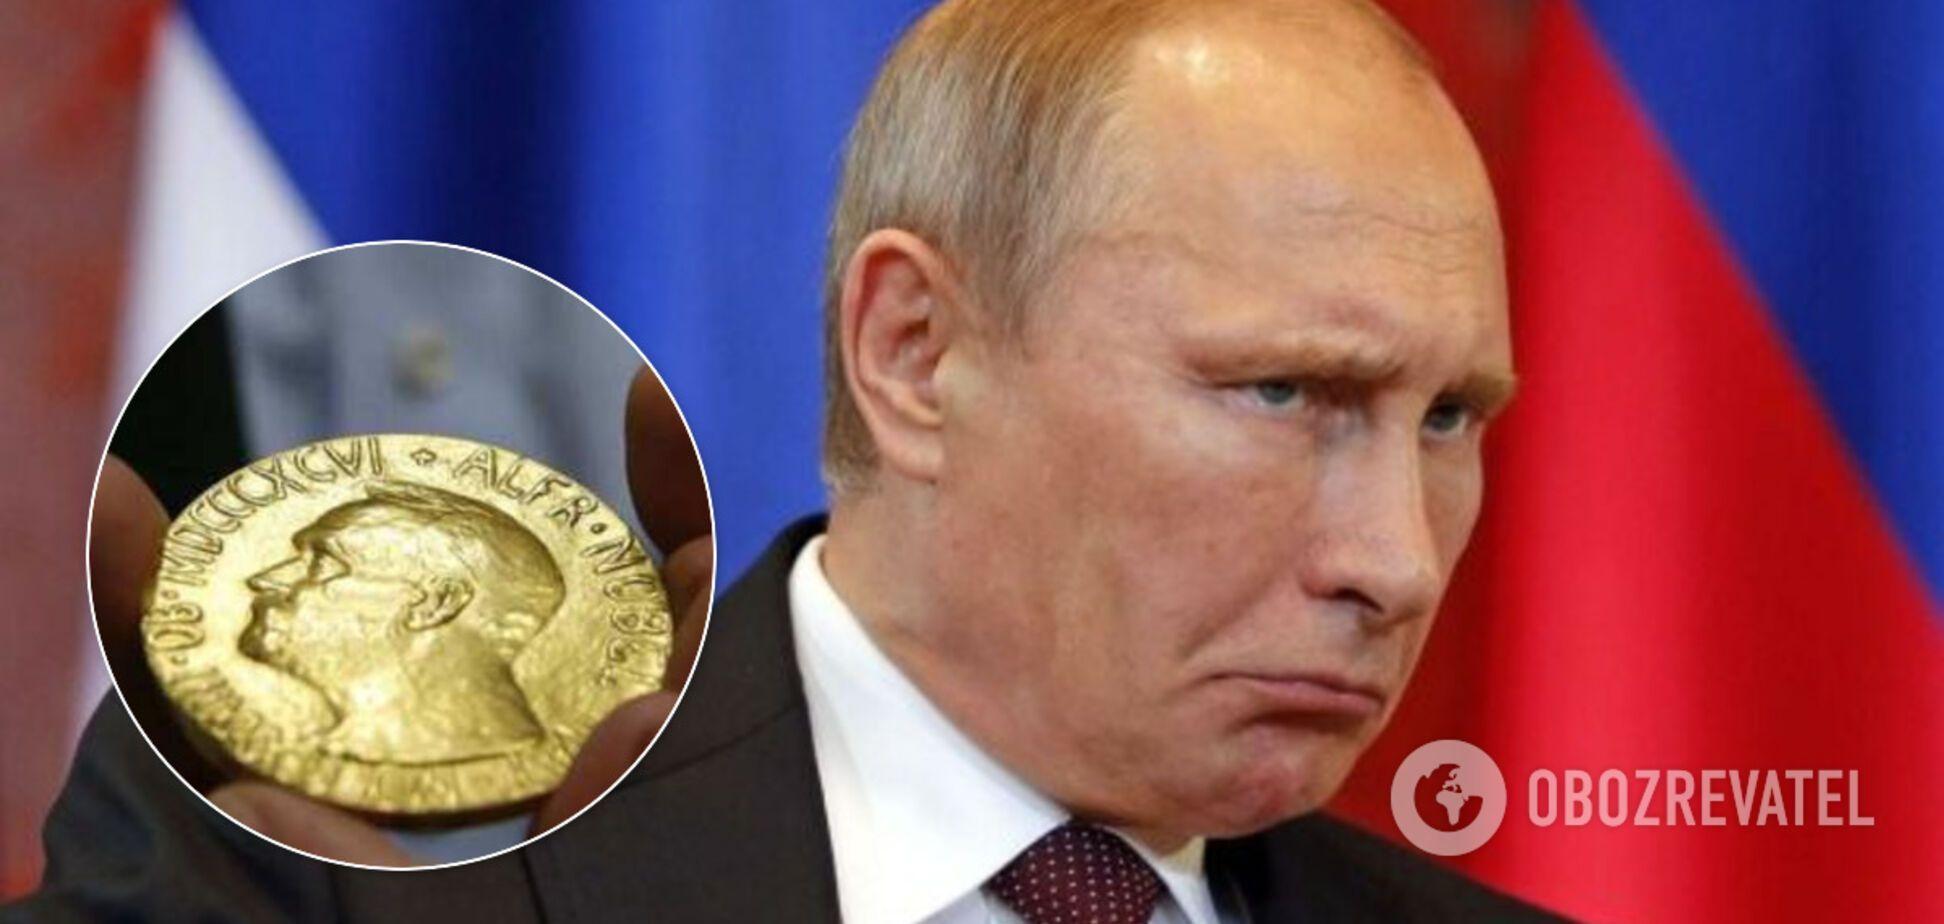 Розслідування про режим і 'кухаря' Путіна отримали Пулітцерівську премію: у Росії підняли паніку